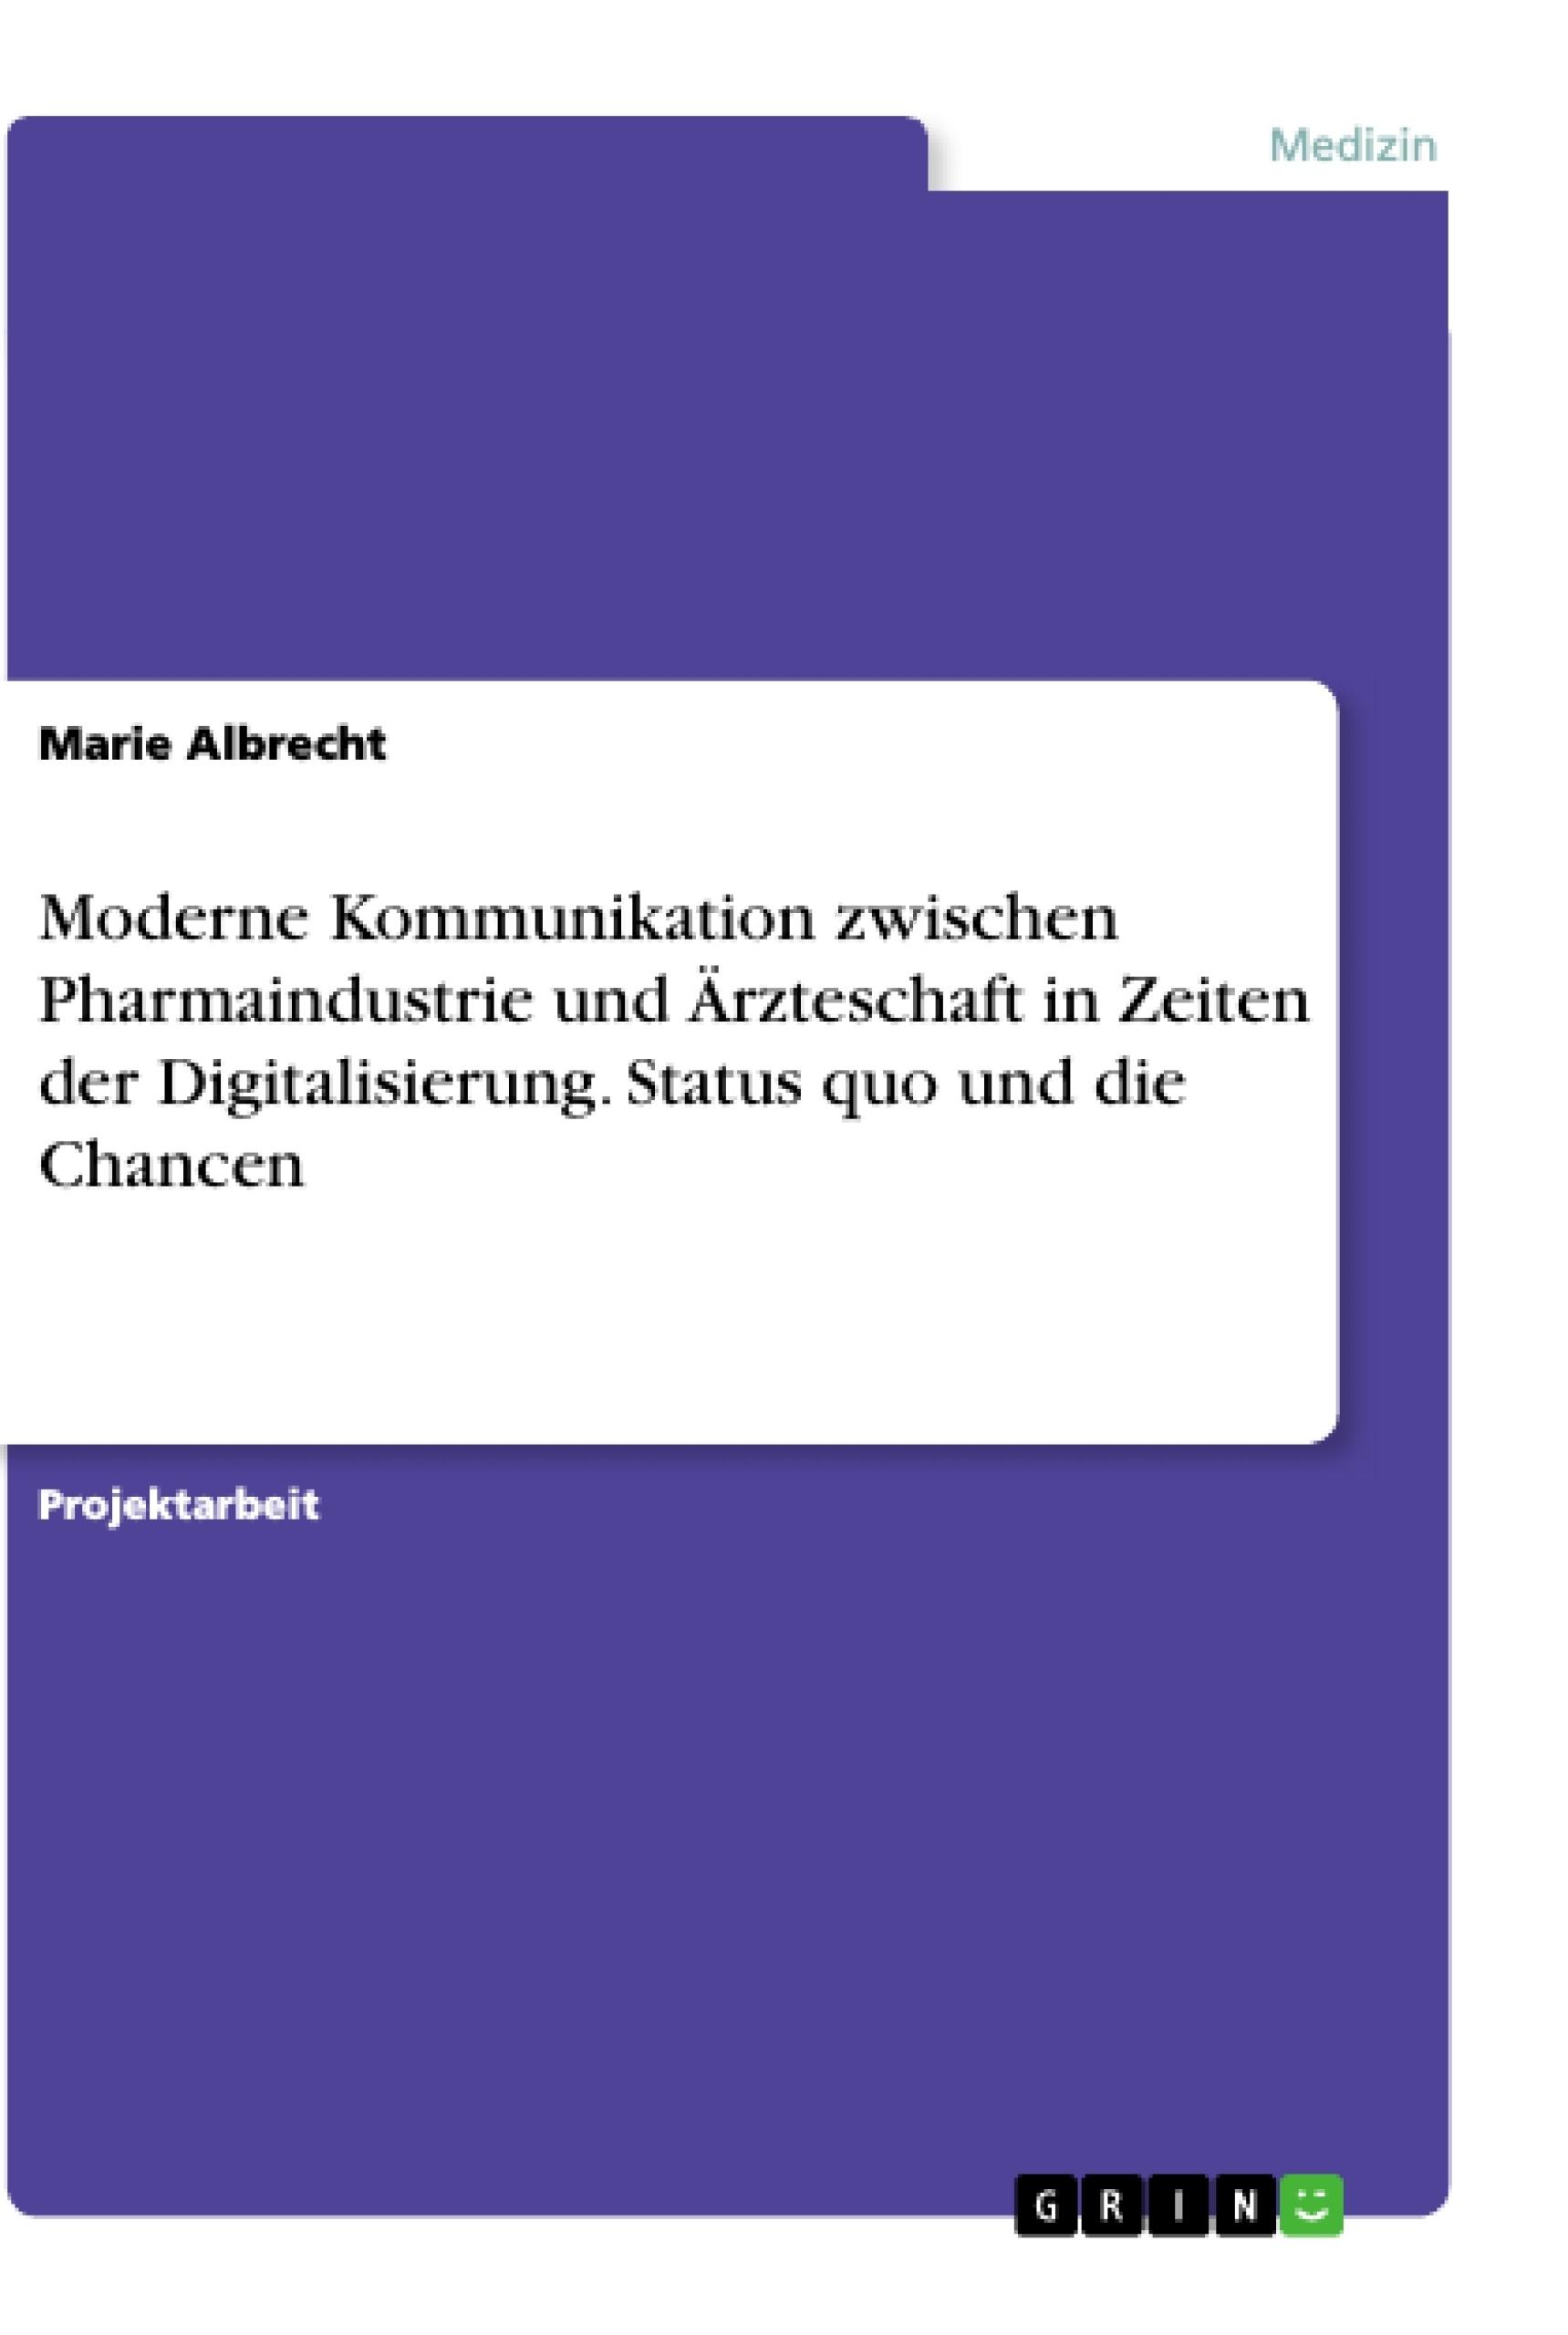 Titel: Moderne Kommunikation zwischen Pharmaindustrie und Ärzteschaft in Zeiten der Digitalisierung. Status quo und die Chancen